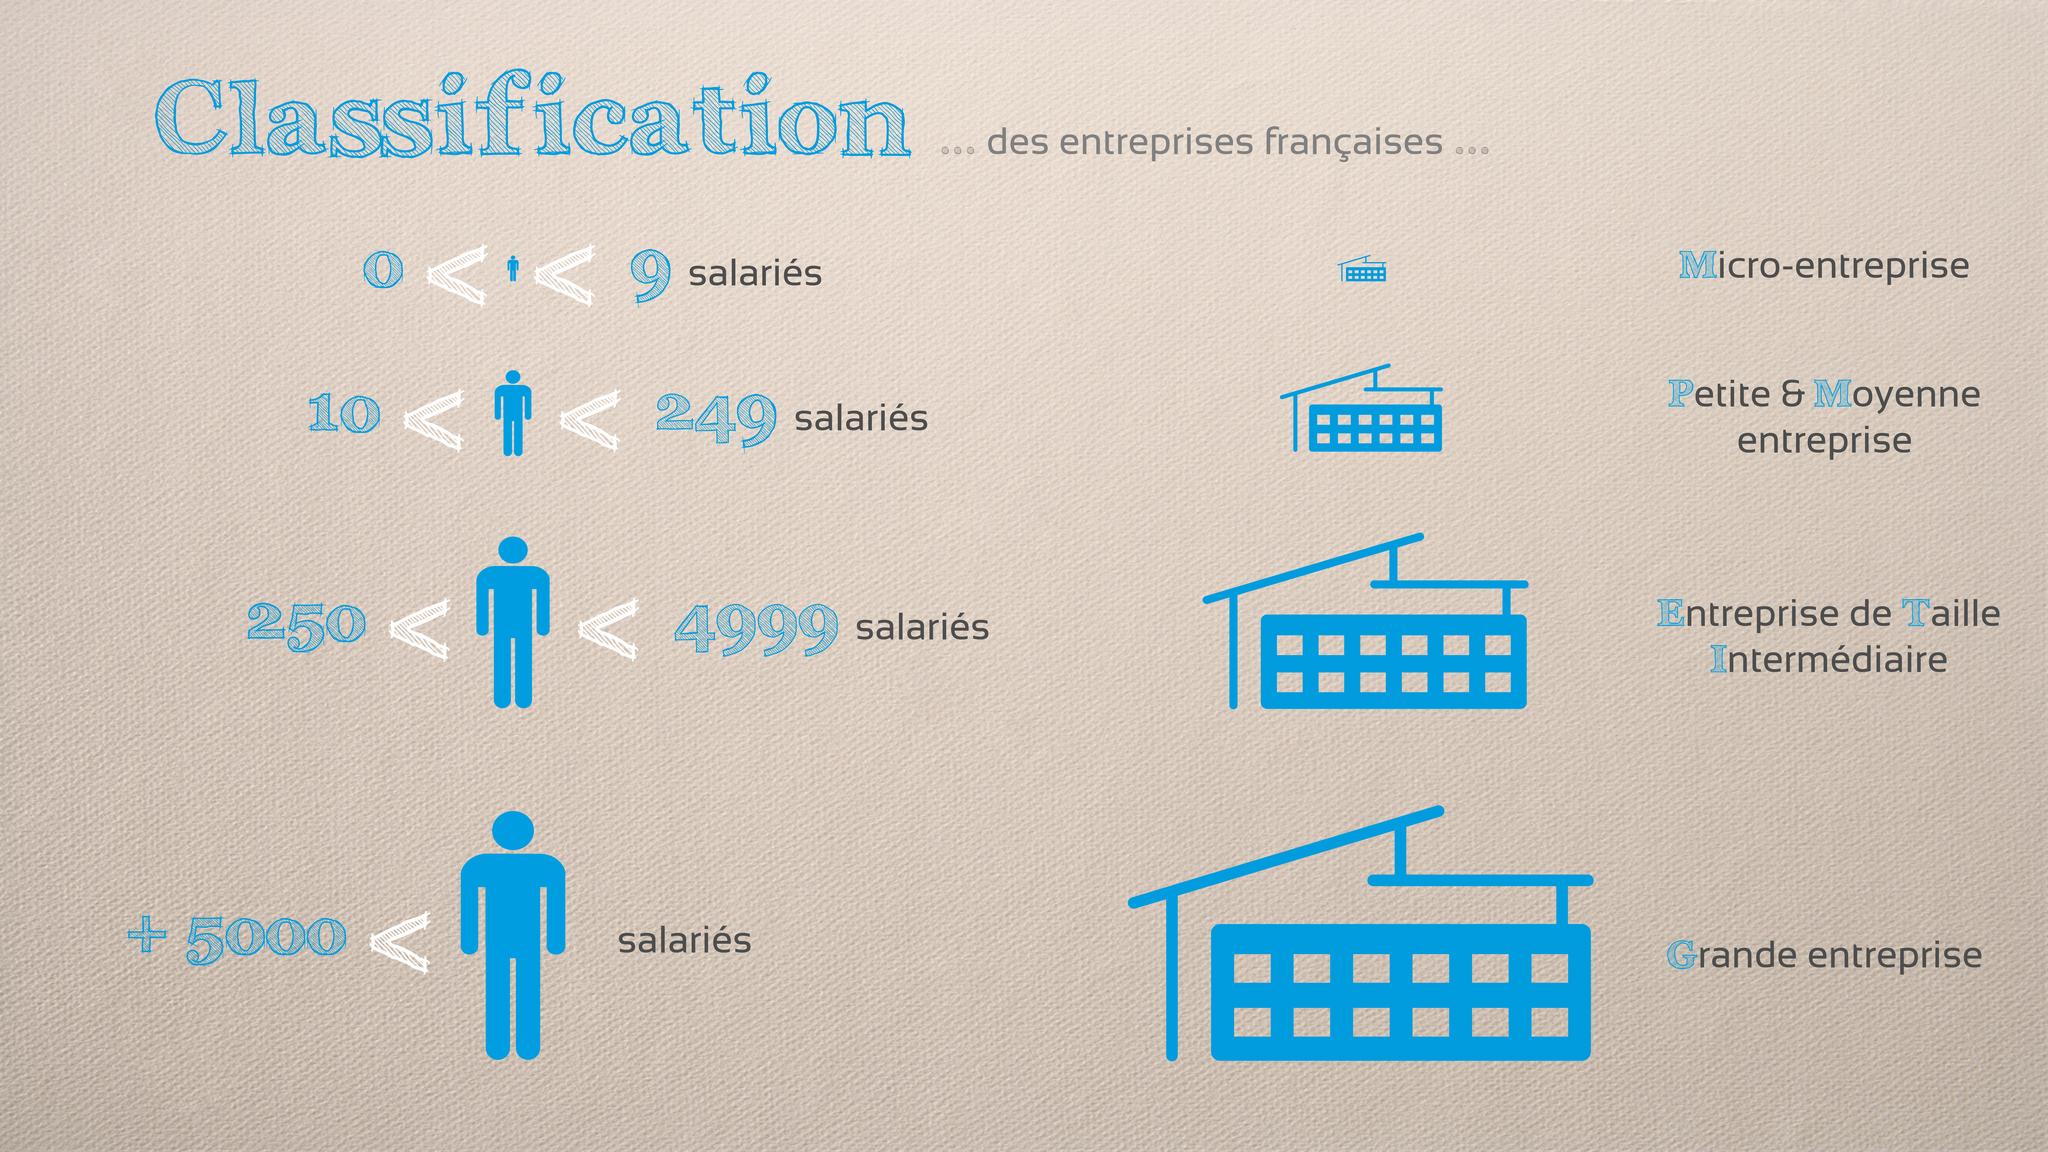 En France, on diffère 4 types d'entreprises en fonction de leur masse salariale.